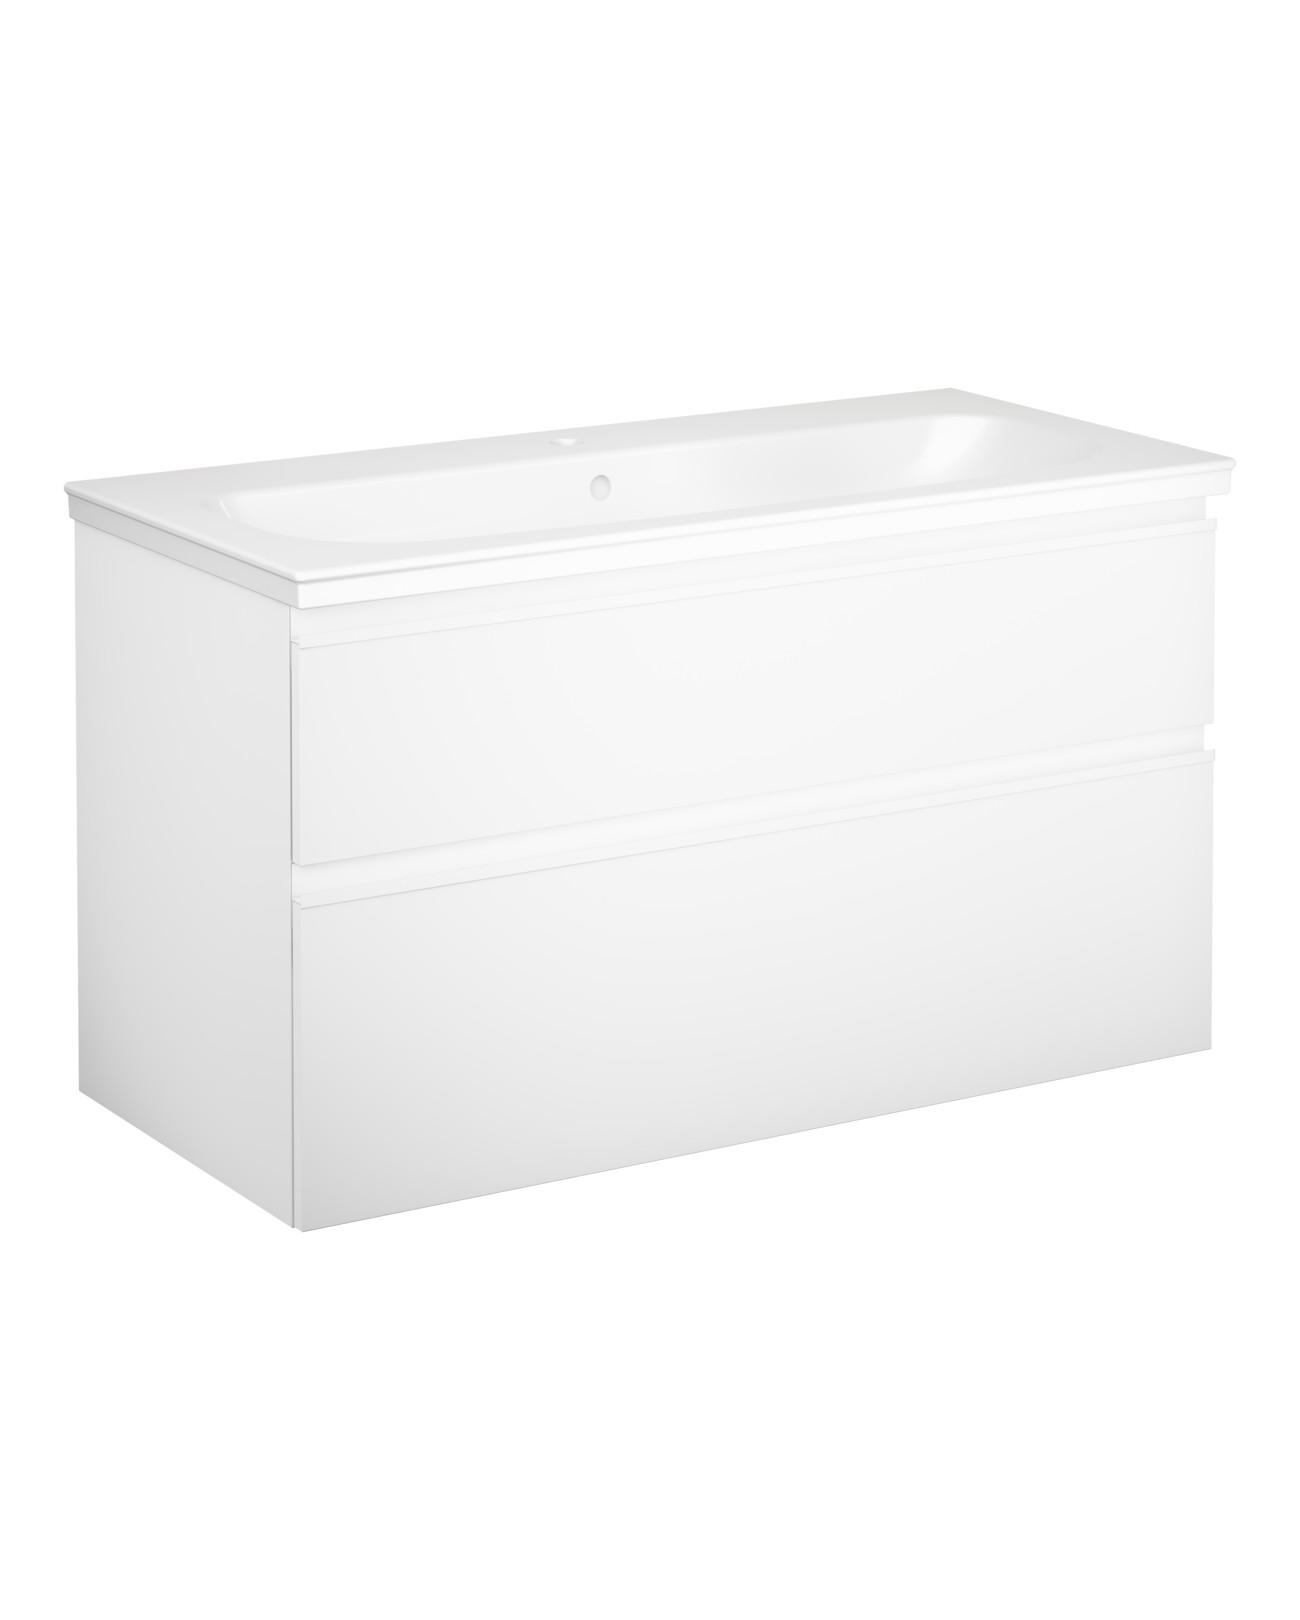 Flexibla badrumsmöbler med stor badrumsförvaring   graphic